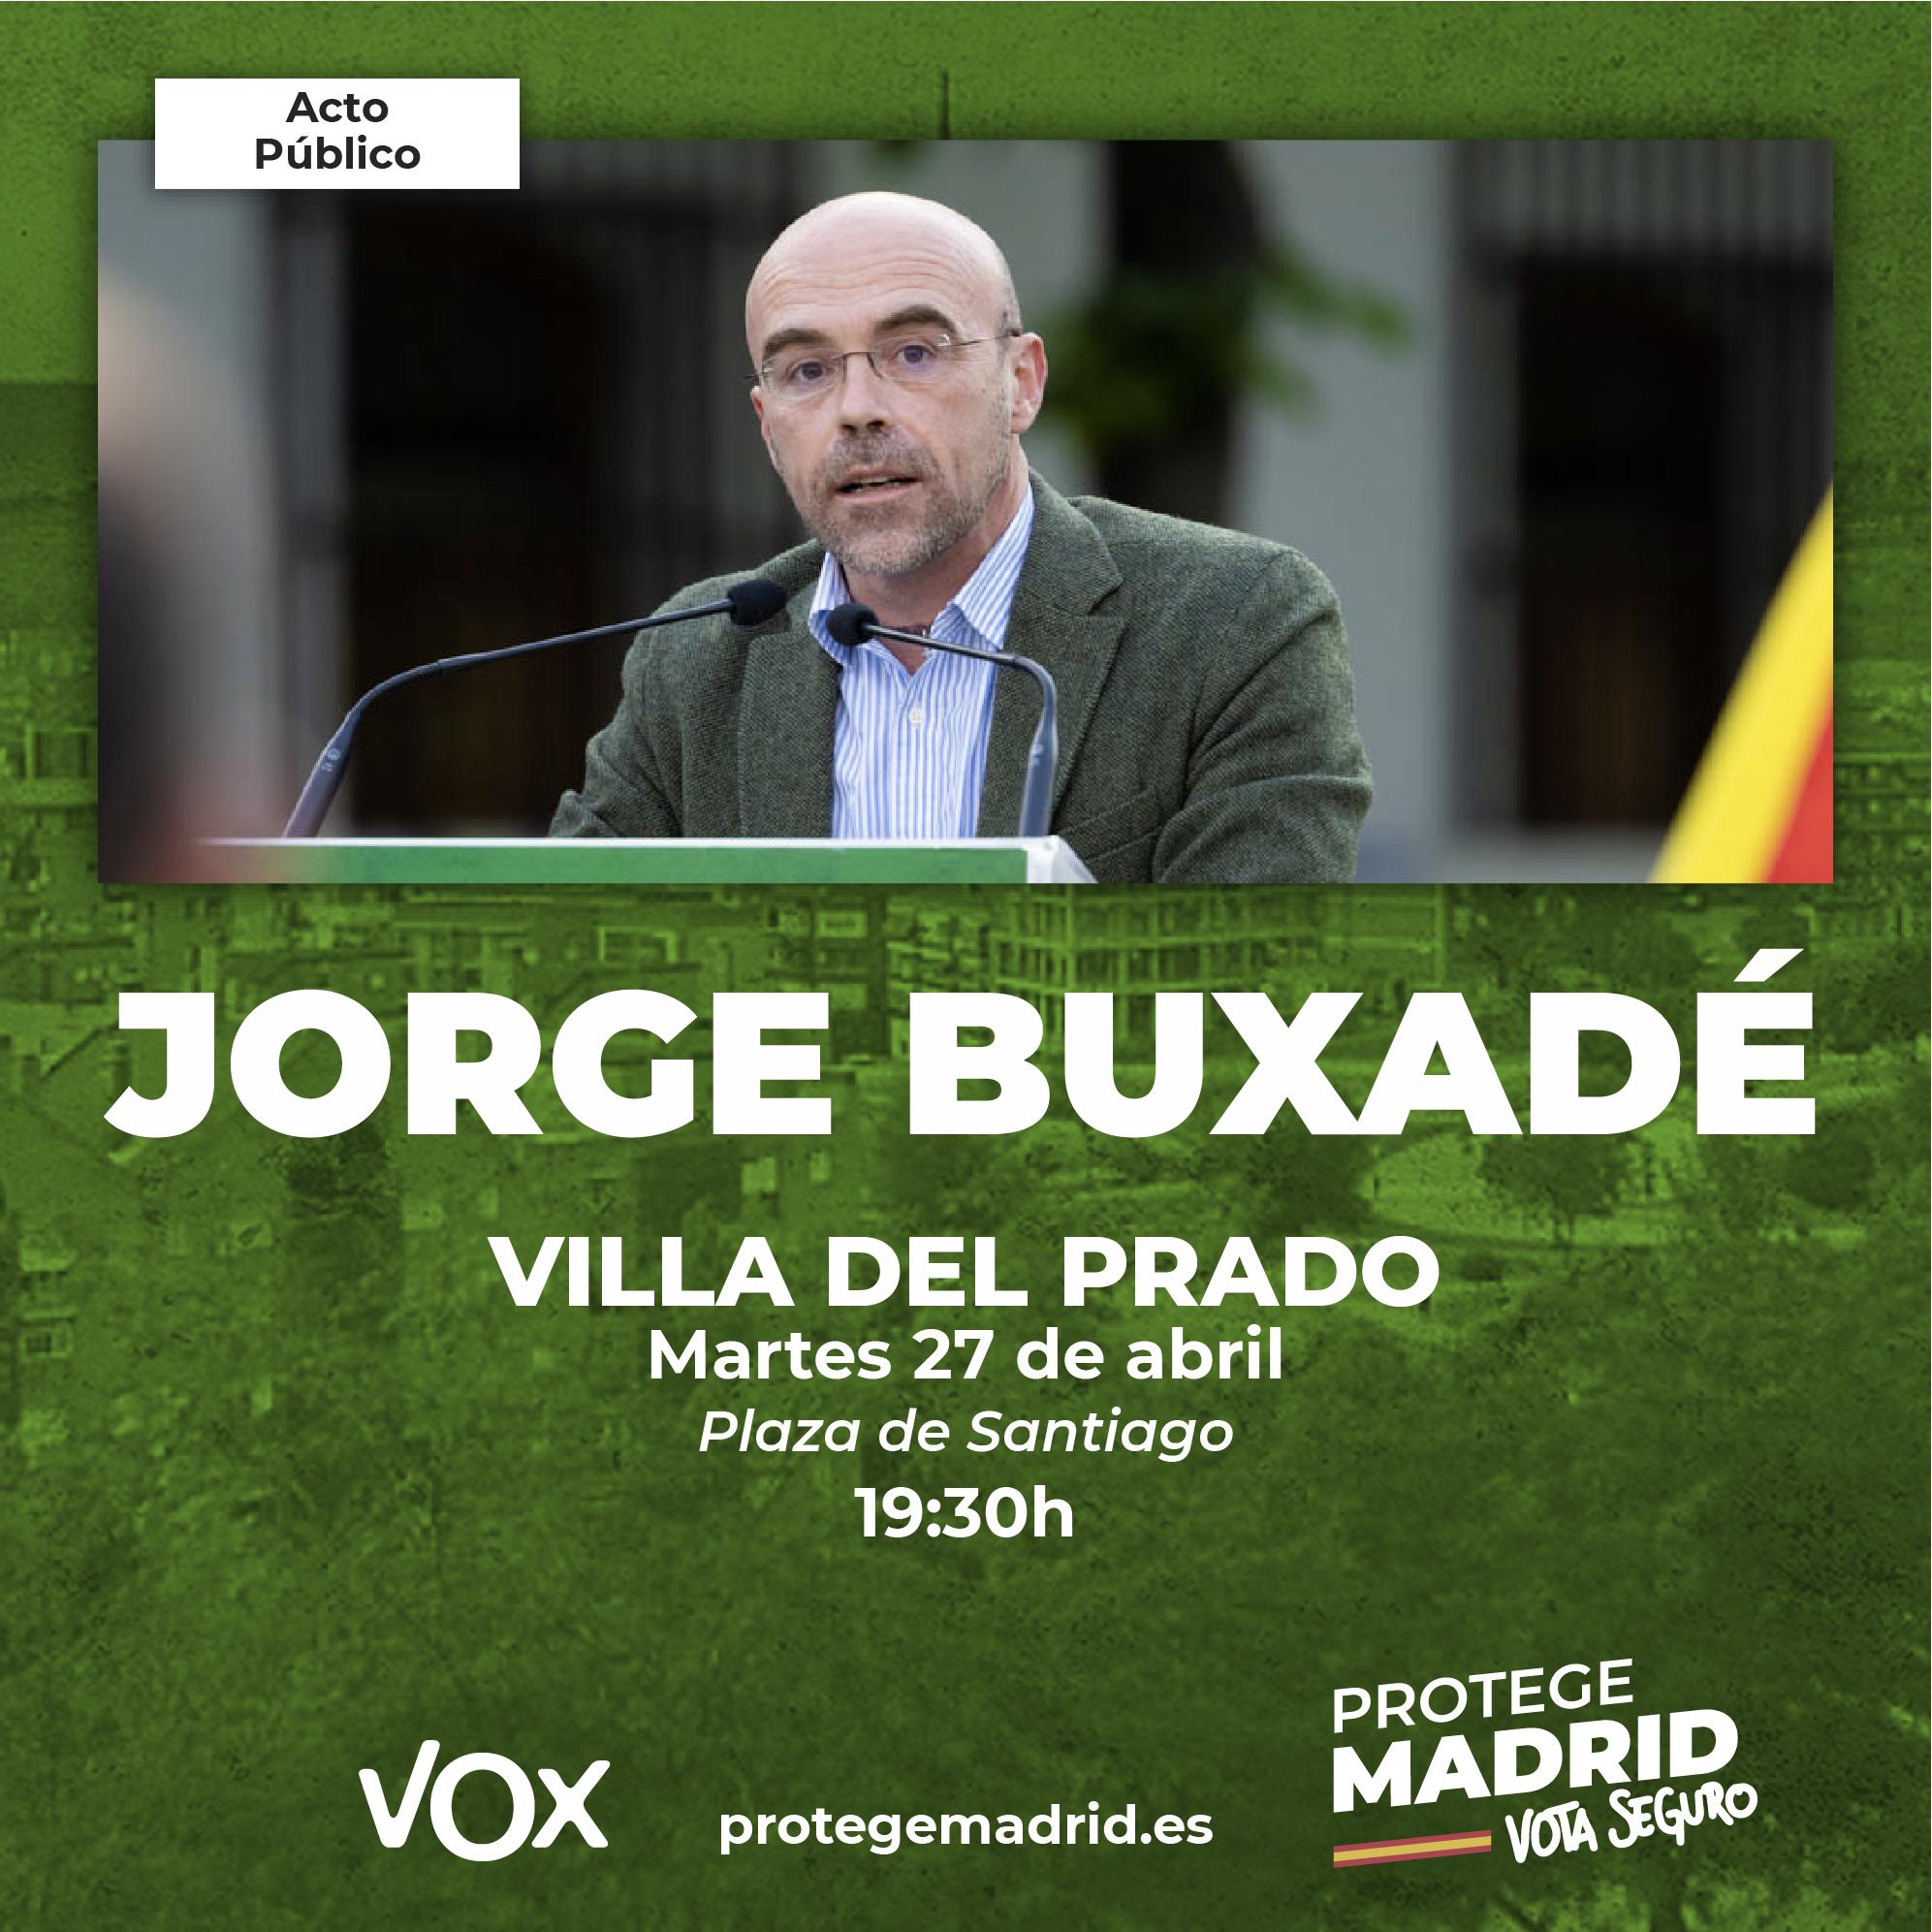 VILLADELPRADO_JORGE